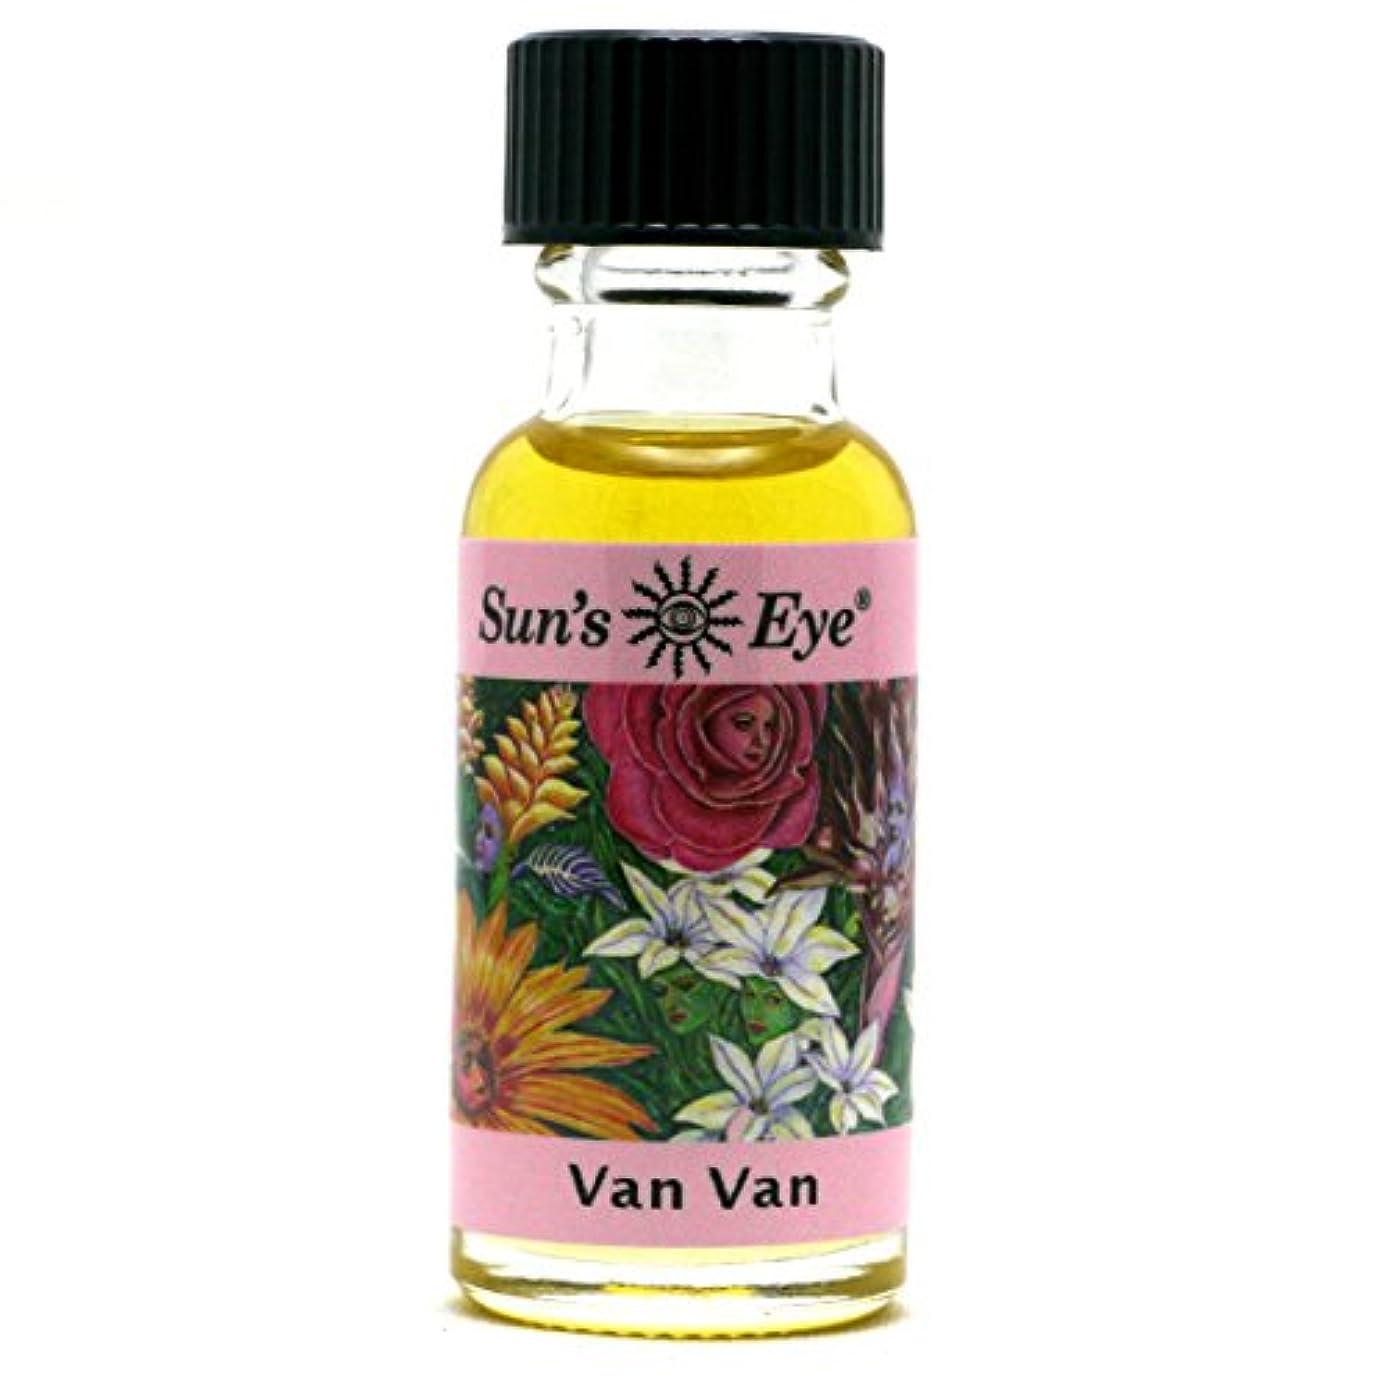 【Sun'sEye サンズアイ】Specialty Oils(スペシャリティオイル)Van Van(ヴァンヴァン)浄化と成功